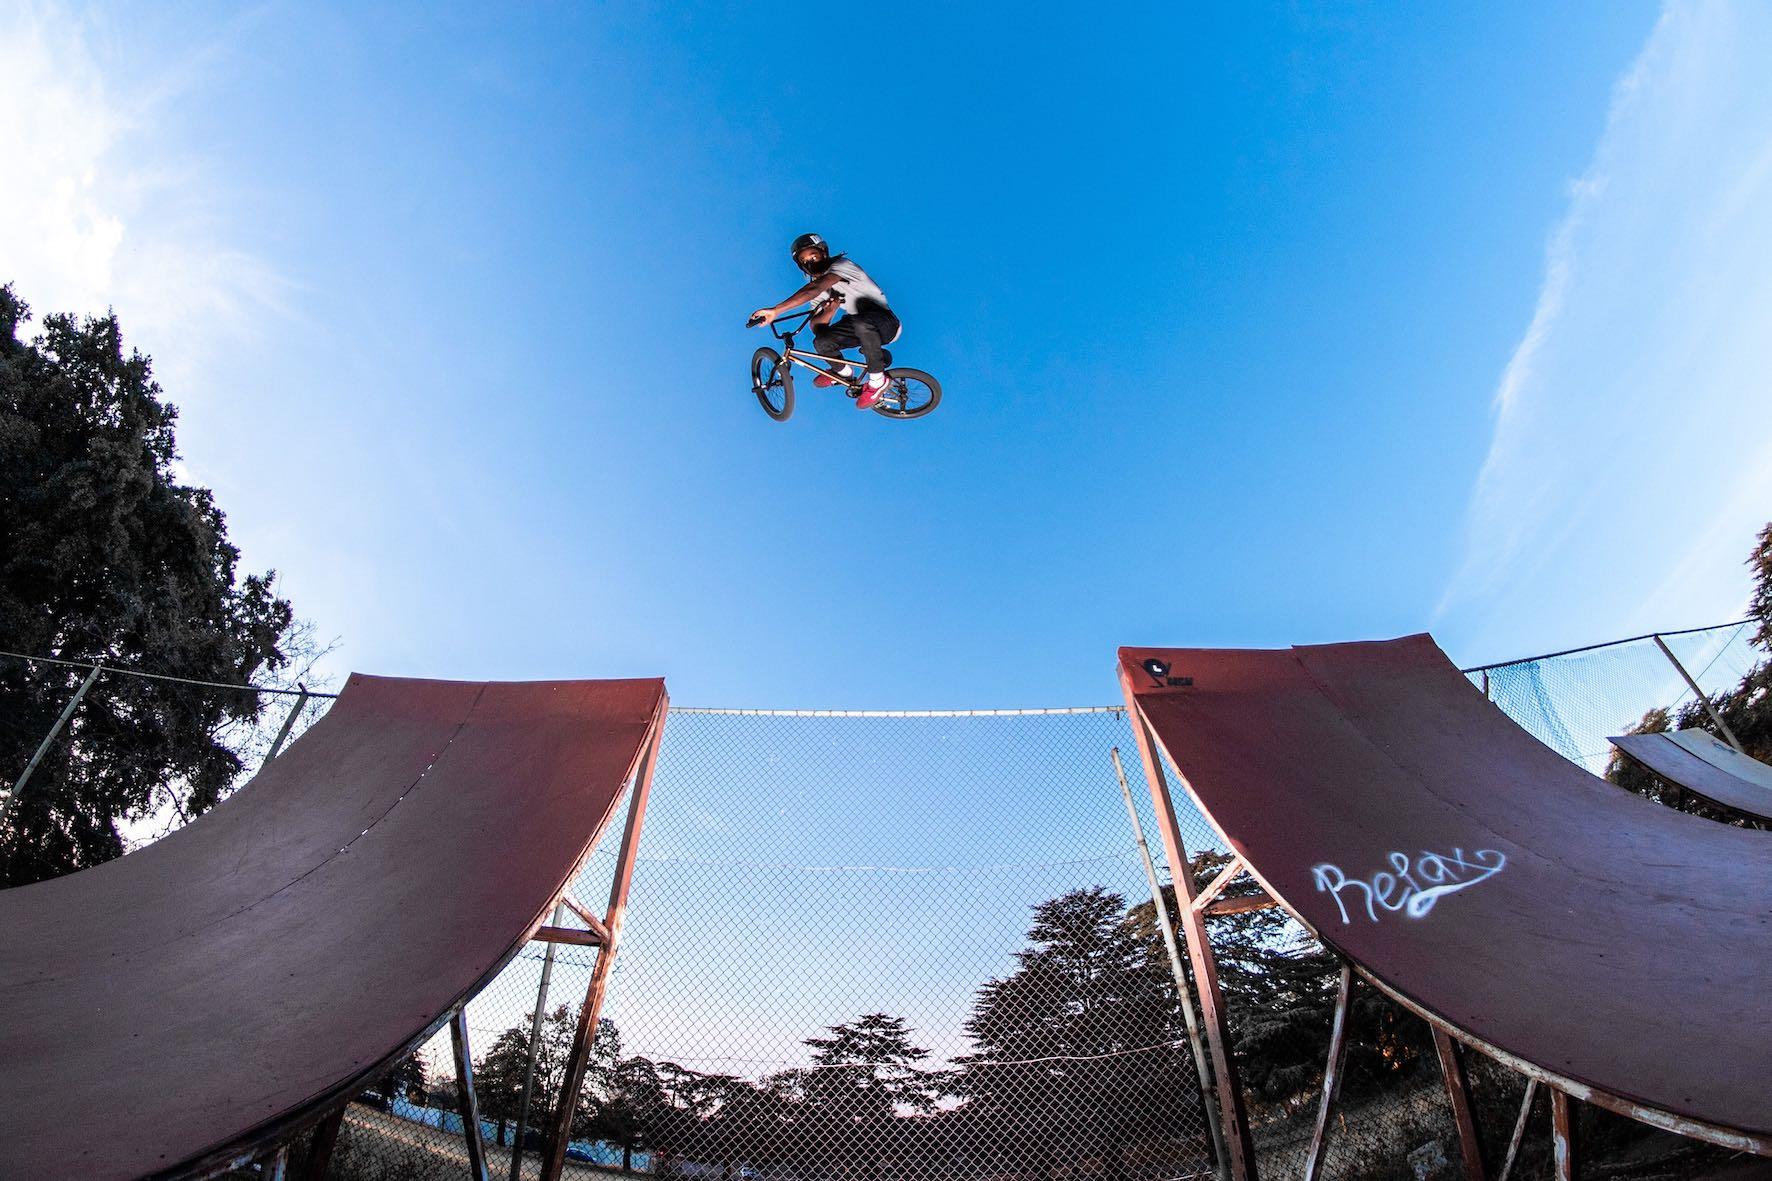 Nathi Steeze BMX air at his local BMX park